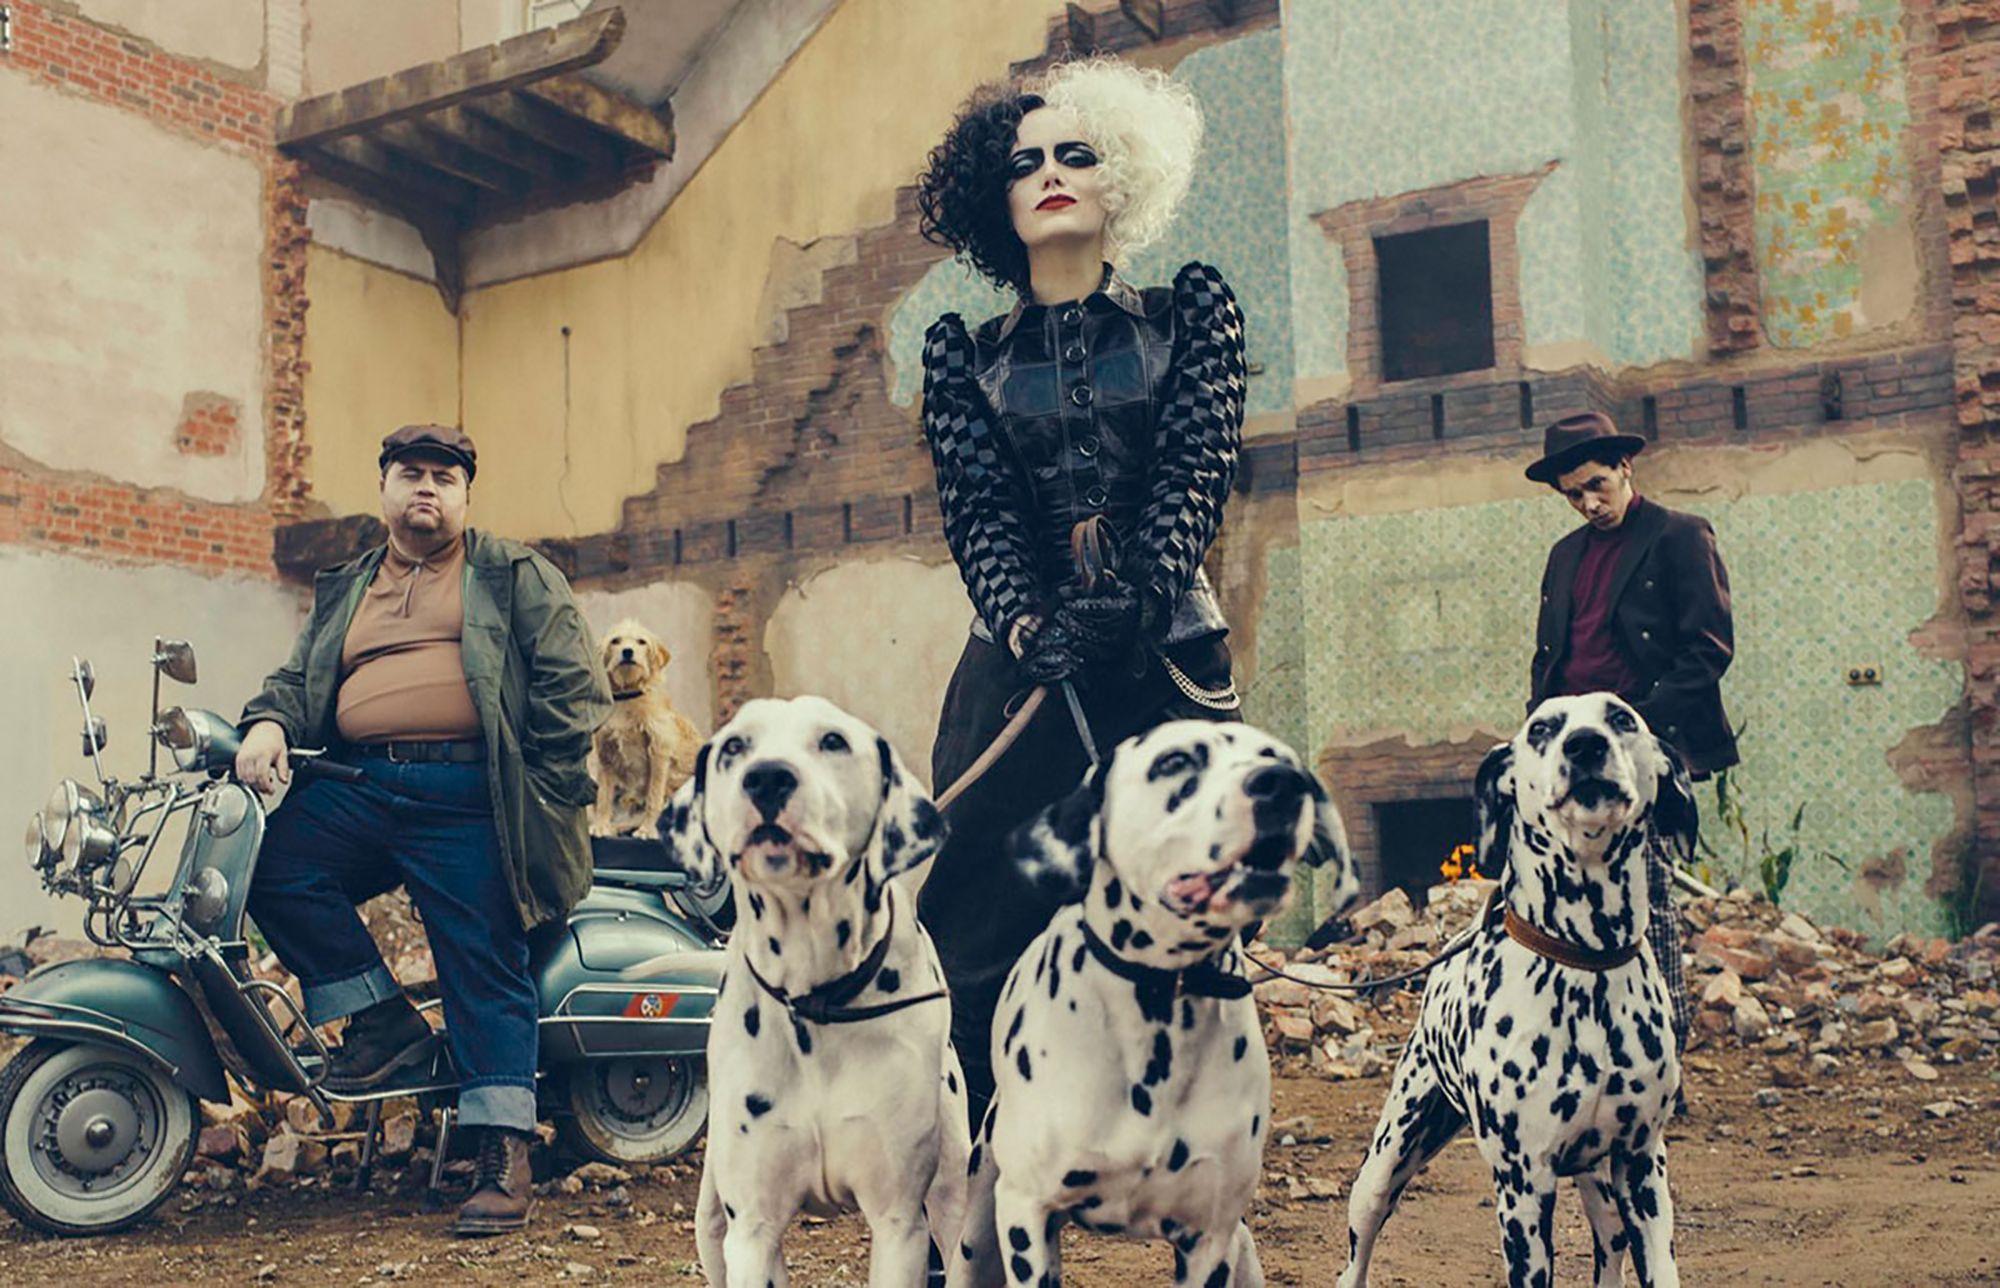 El live-action 'Cruella' estrena segundo tráiler e imágenes promocionales